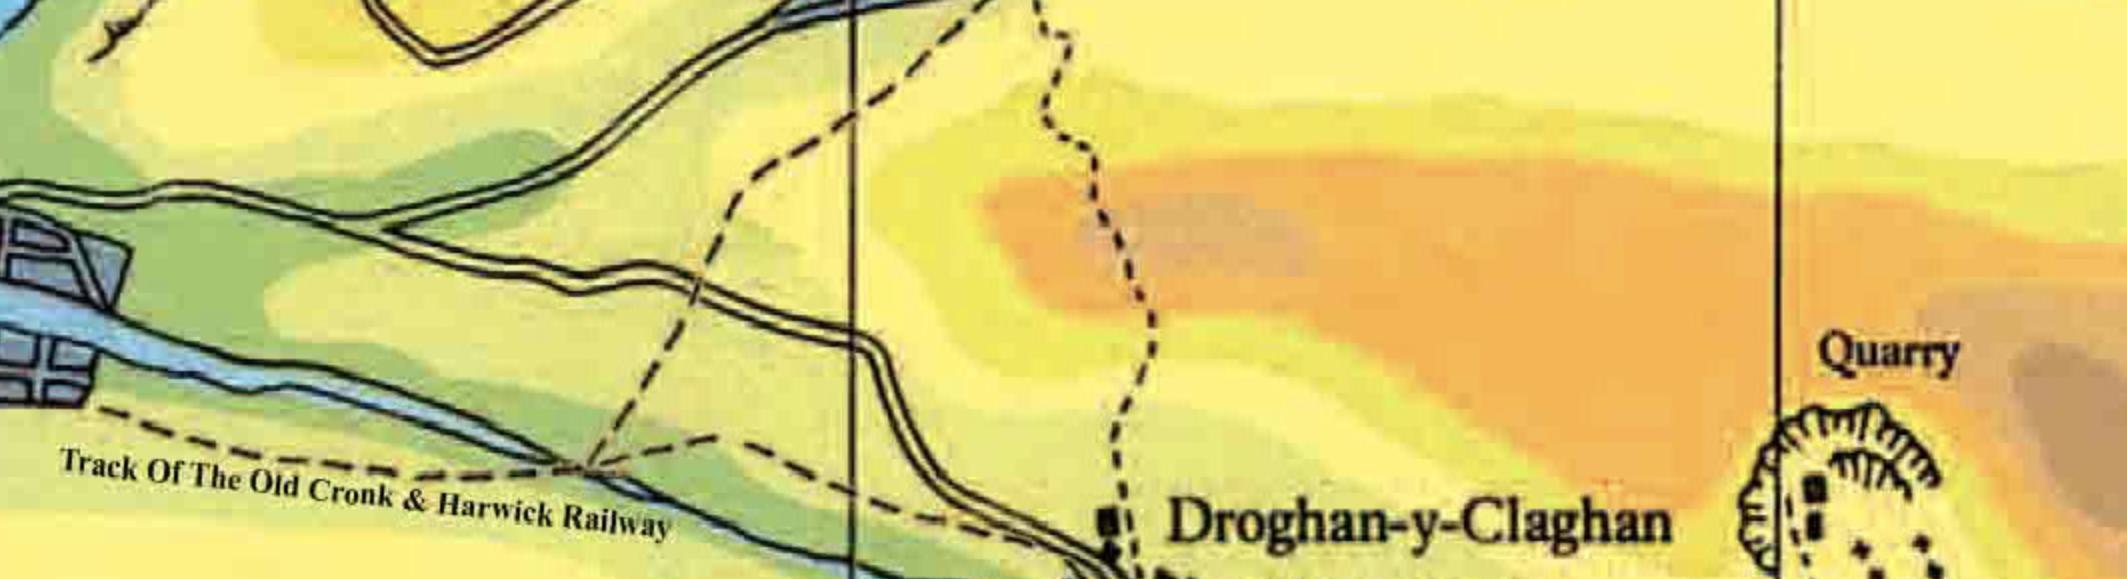 Droghan-y-Claghan